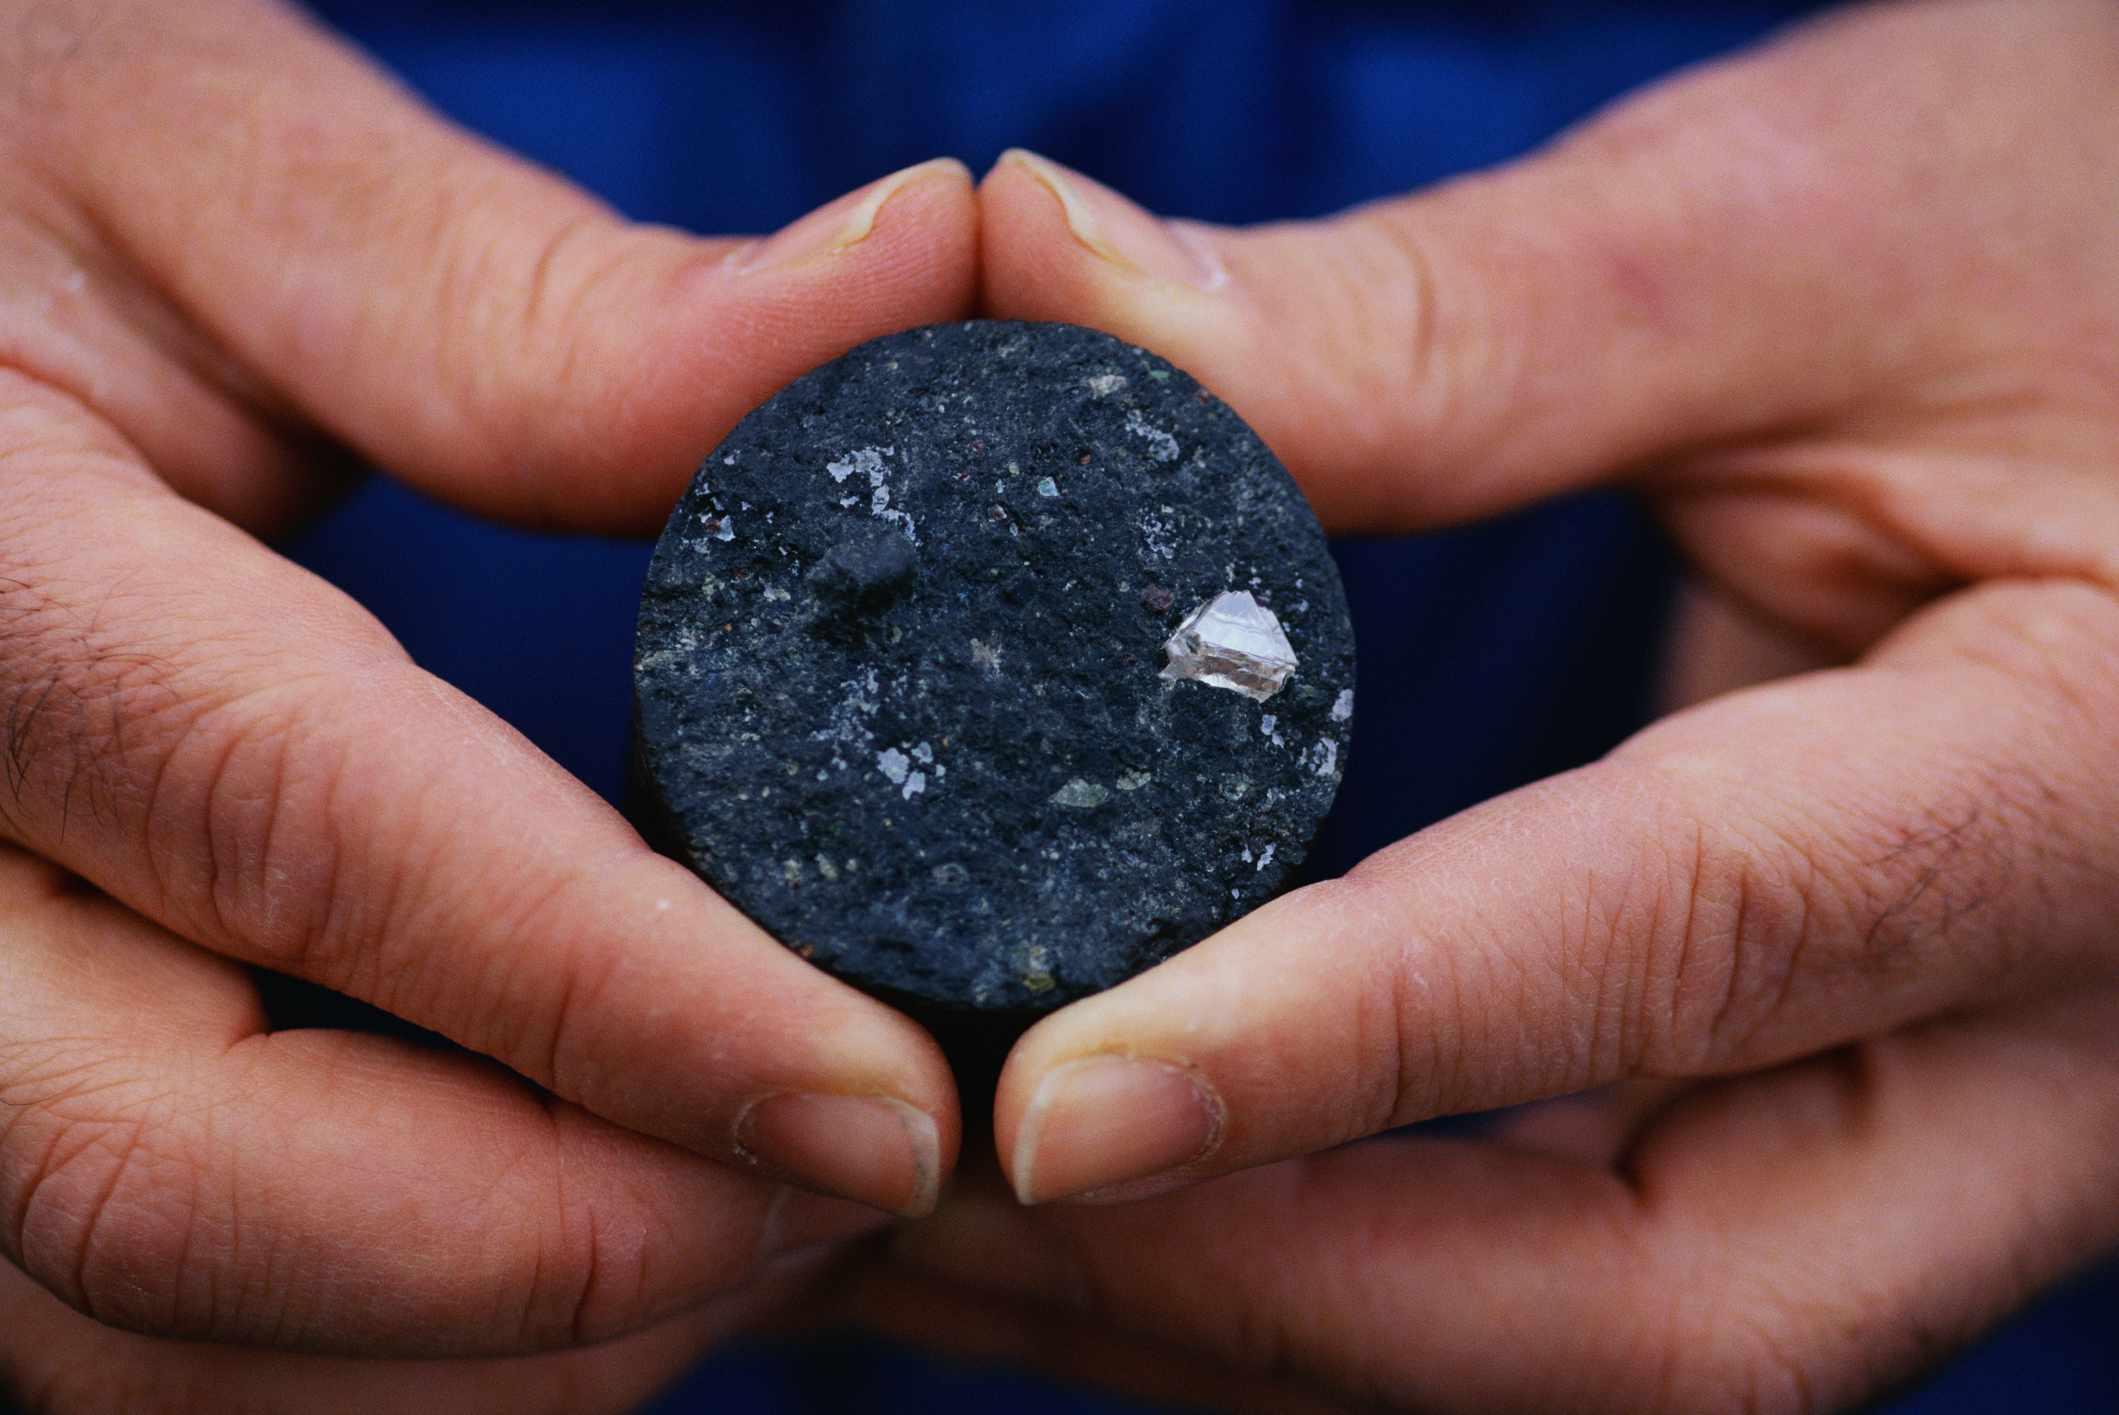 Holding a 1.75-carat diamond